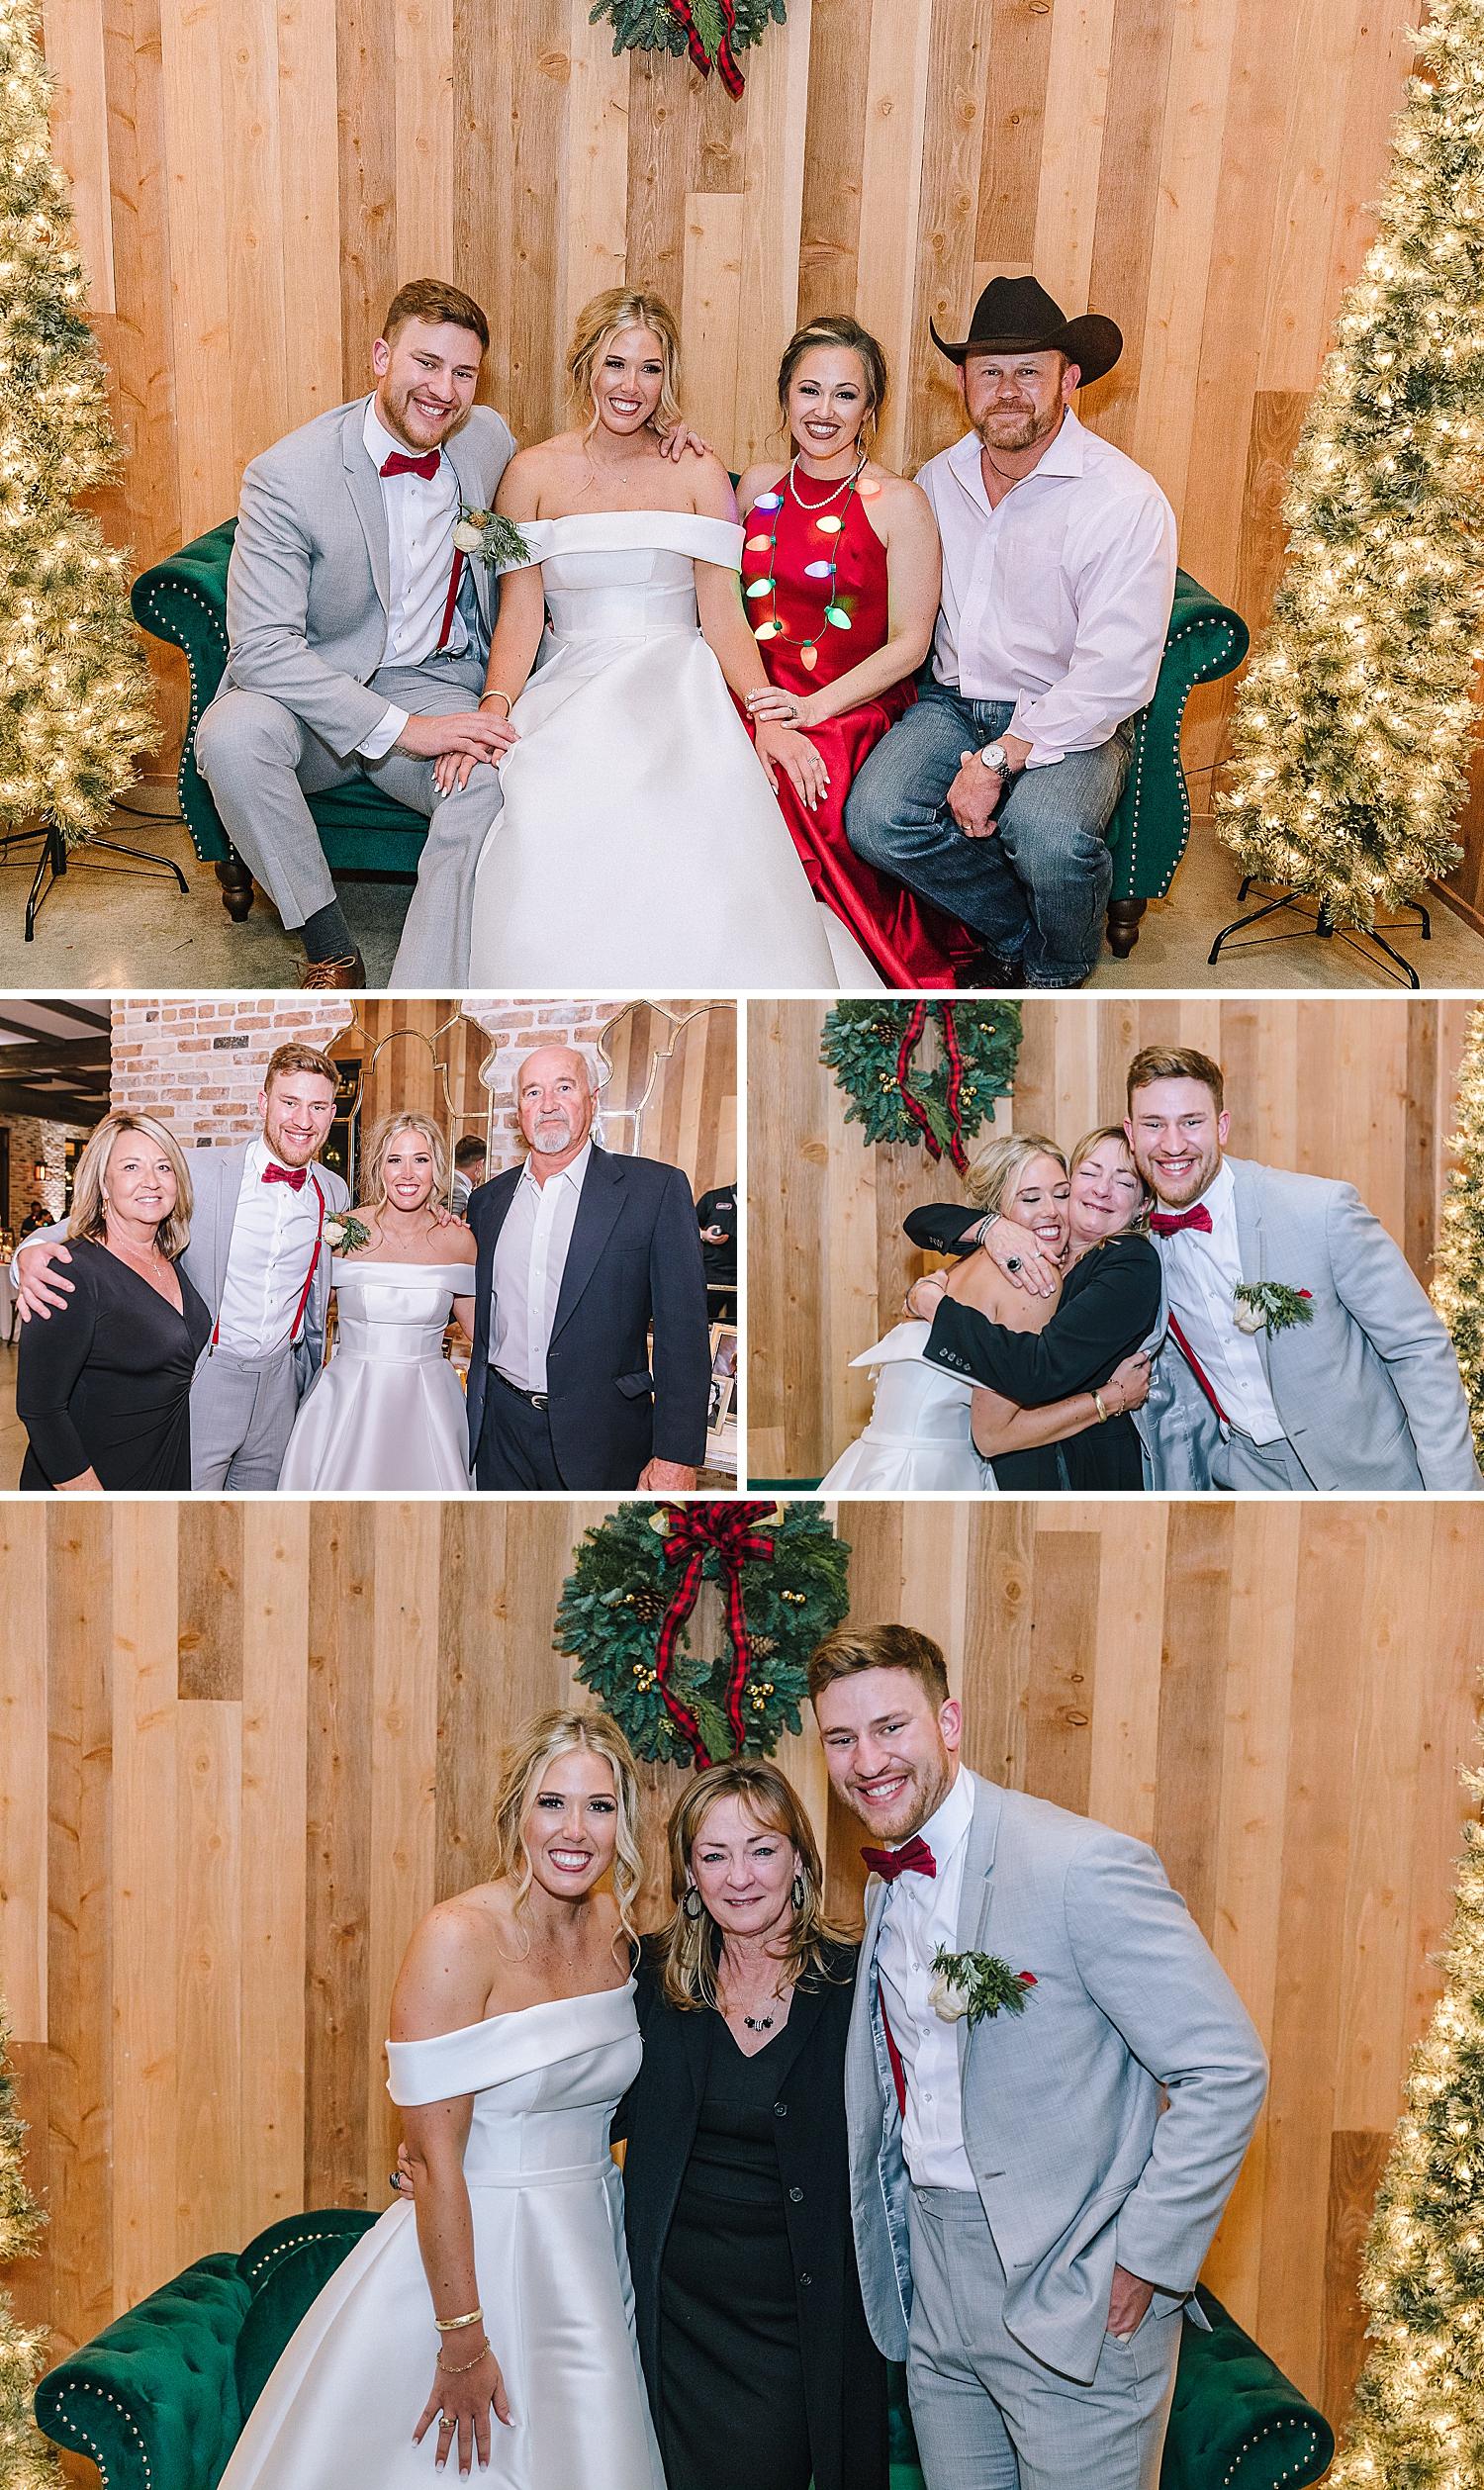 College-Station-Aggie-Wedding-The-Weinberg-at-Wixon-Valley-Christmas-Hallmark-Wedding_0096.jpg